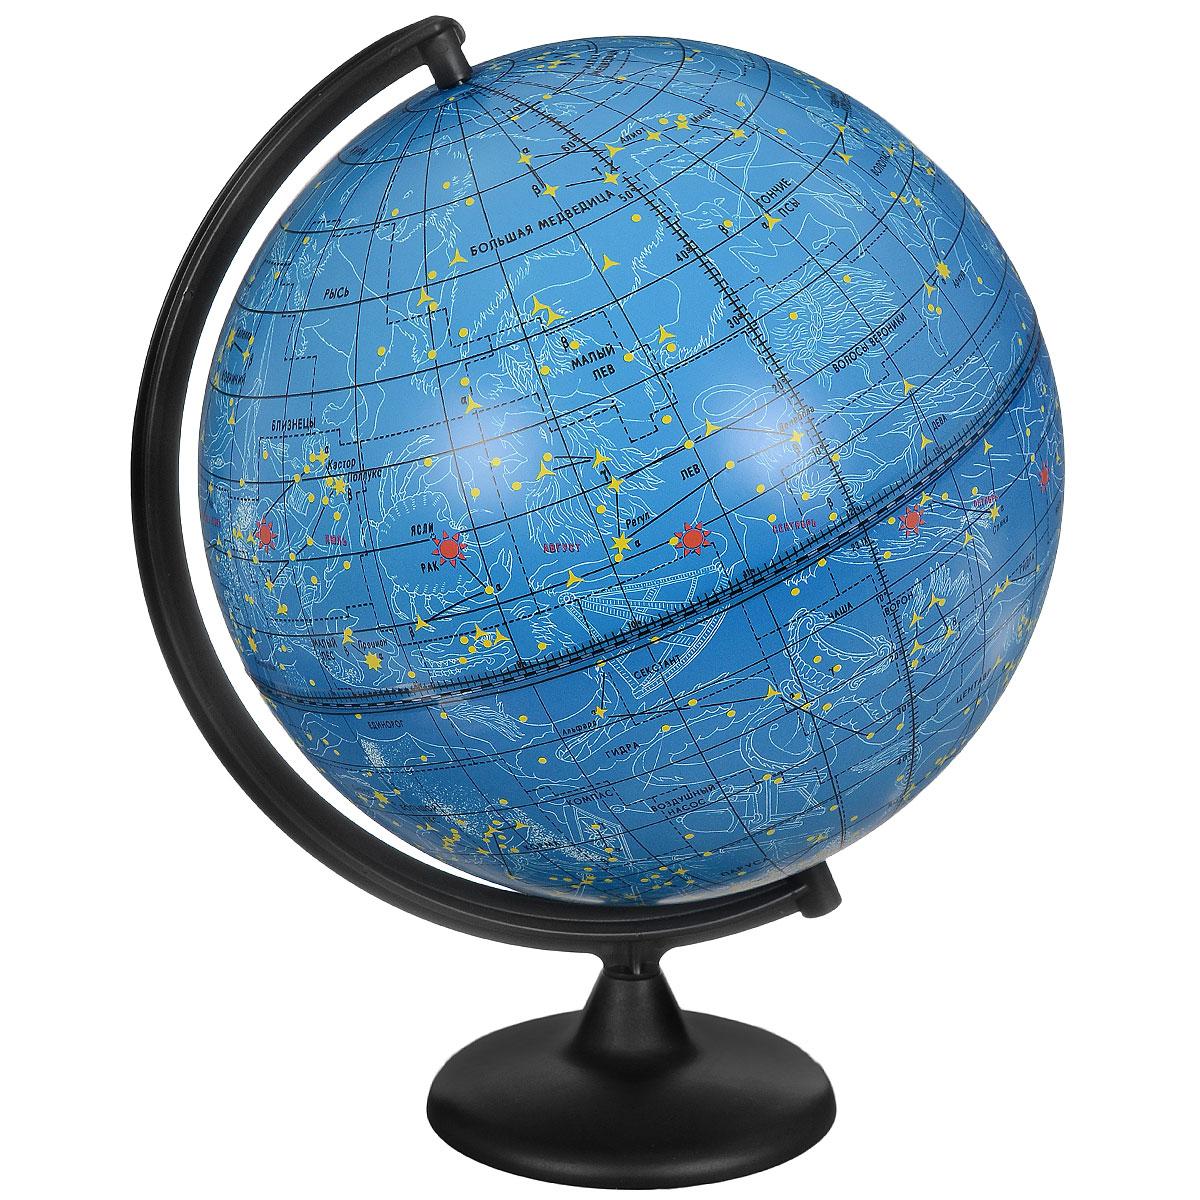 Глобусный мир Глобус звездного неба, диаметр 32 см. 1006310063Глобус звездного неба Глобусный мир изготовлен из высококачественного прочного пластика.Данная модель предназначена для ознакомления с космосом, звездами и созвездиями. На нем нанесены те же круги, что и на картах звездного неба, - небесные параллели, меридианы, экватор и эклиптика.Такой глобус станет прекрасным подарком и учебным материалом для дальнейшего изучения астрономии. Помимо этого, глобус обладает приятной цветовой гаммой. Изделие расположено на прочной подставке.Настольный глобус звездного неба Глобусный мир станет оригинальным украшением рабочего стола или вашего кабинета. Это изысканная вещь для стильного интерьера, которая станет прекрасным подарком для современного преуспевающего человека, следующего последним тенденциям моды и стремящегося к элегантности и комфорту в каждой детали. Масштаб: 1:40000000.